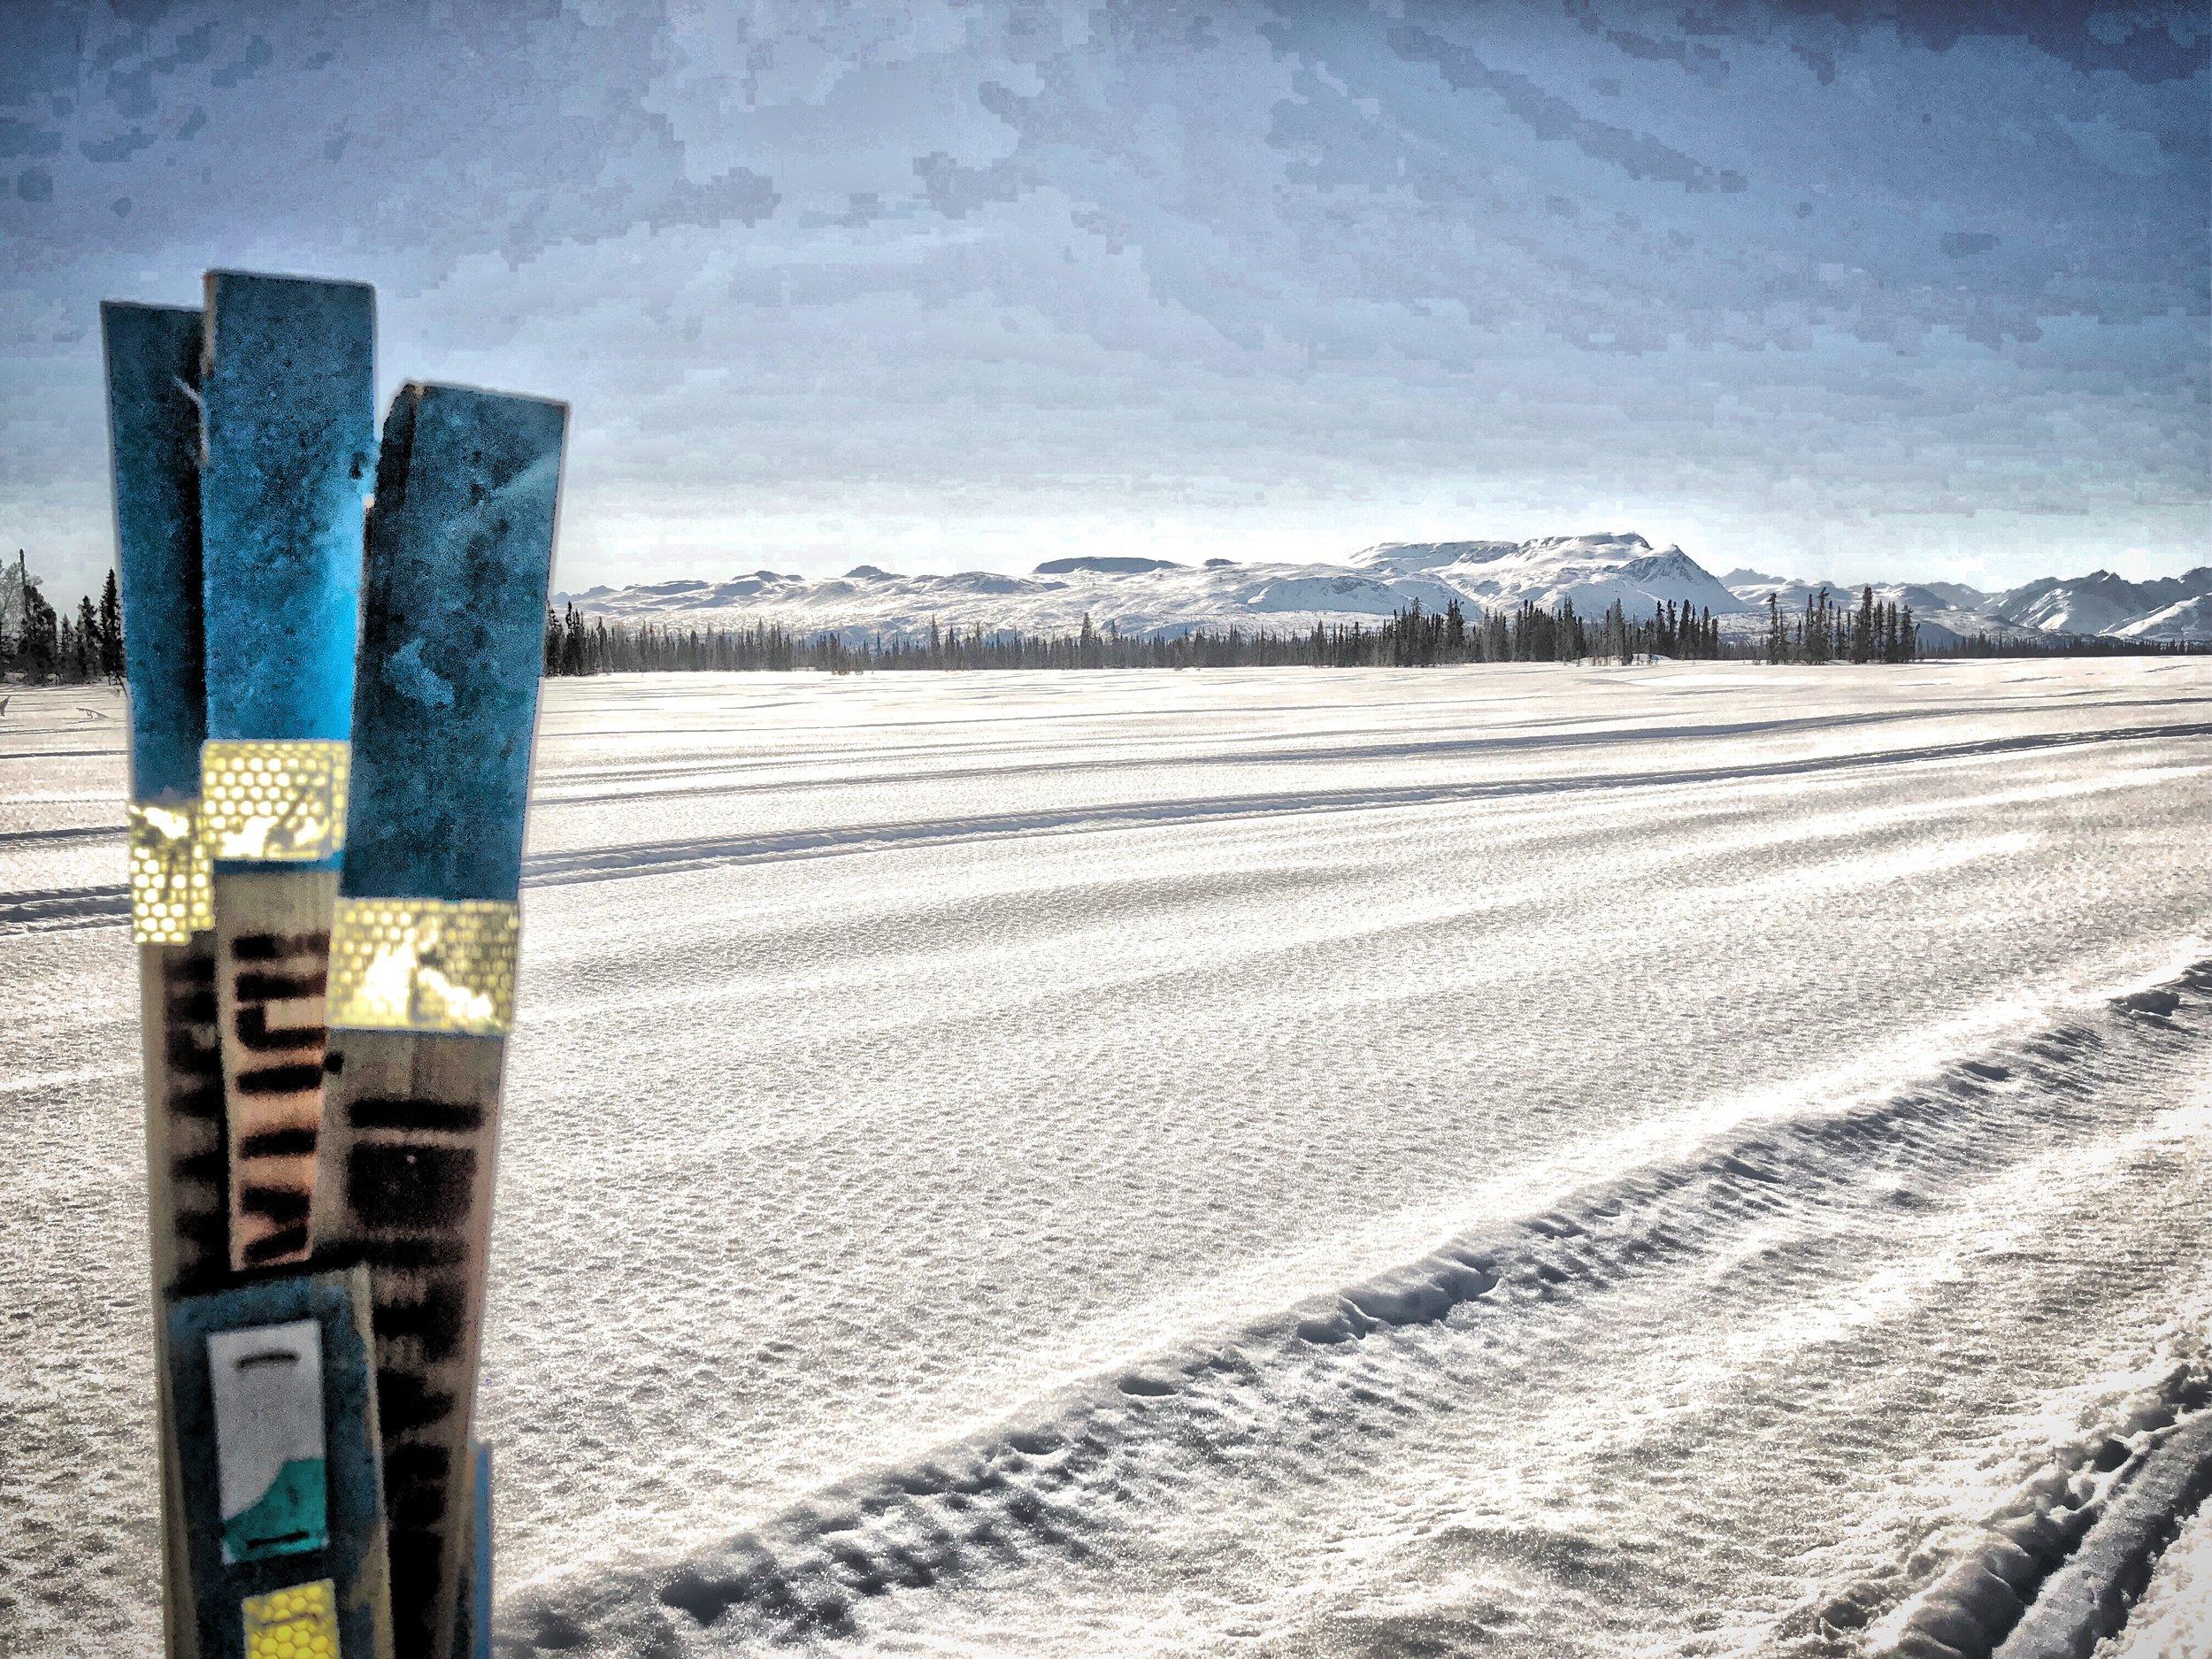 Iditasport Trail Markers- Shell Hills, Alaska